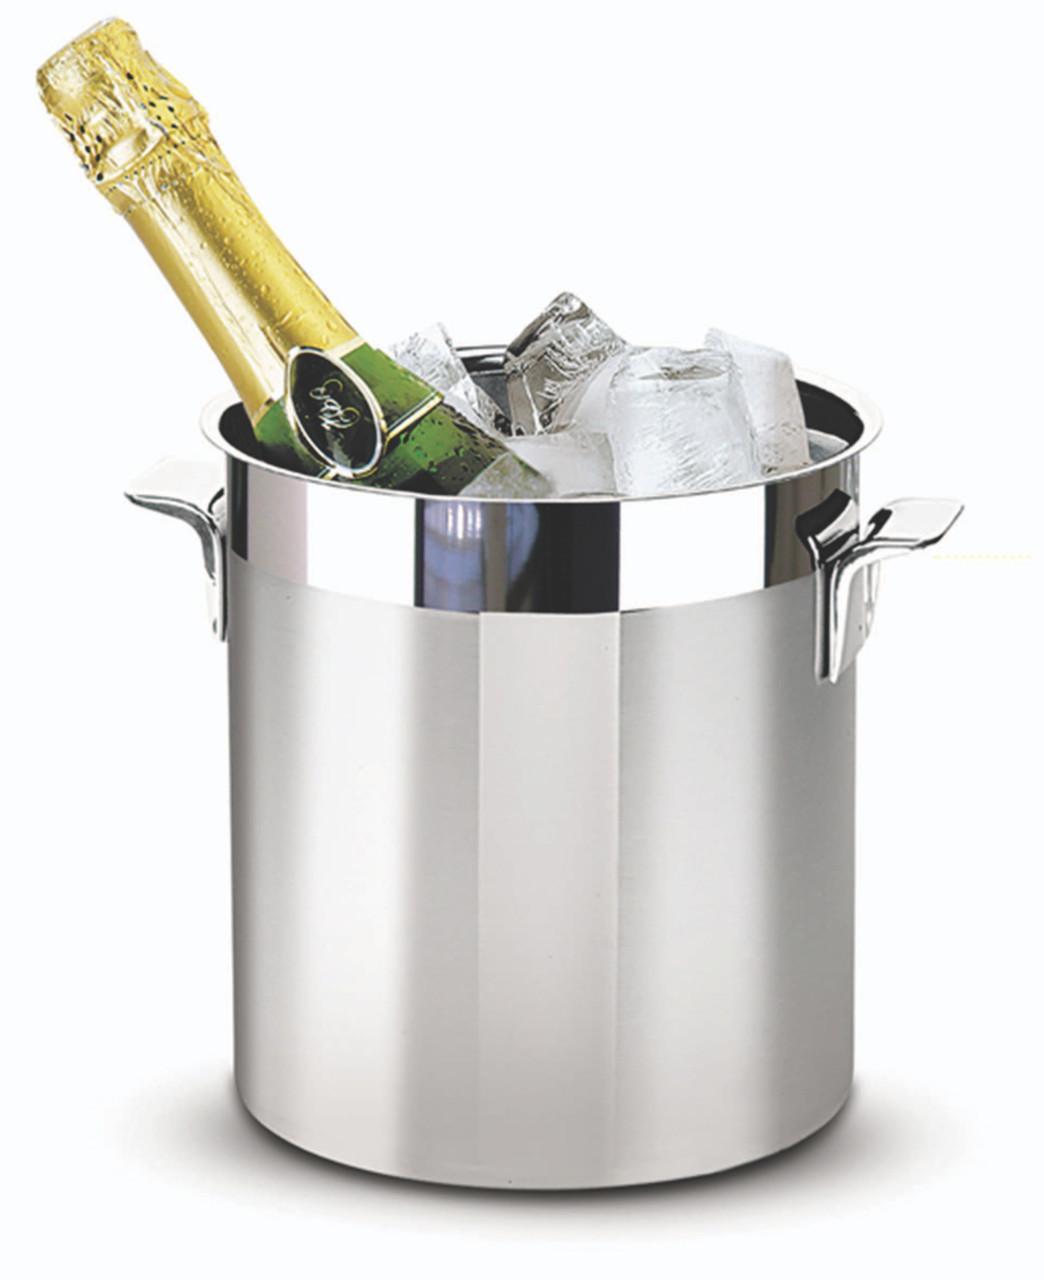 Ведро для шампанского стальное 18см 5,28л 61218/180 Cosmos Tramontina